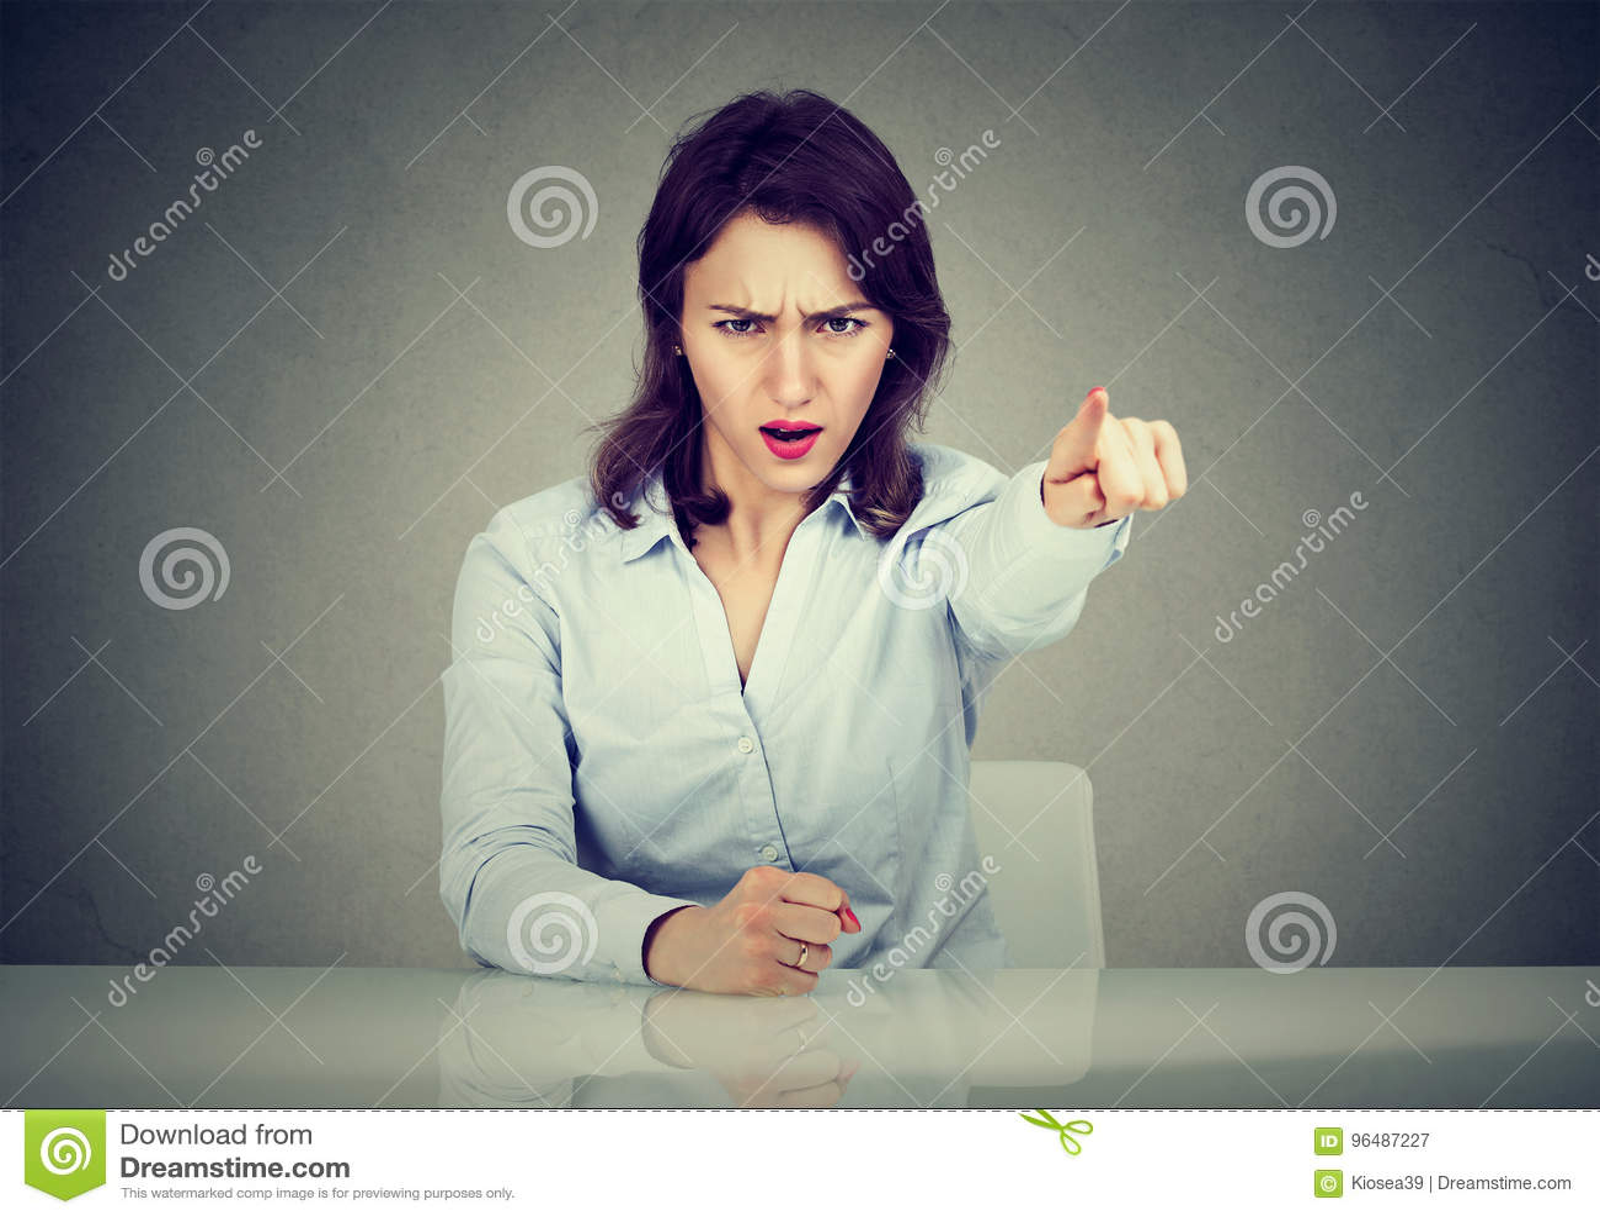 Сердитая бизнес-леди сидя на этап стола кричащий с пальцем, который нужно выйти